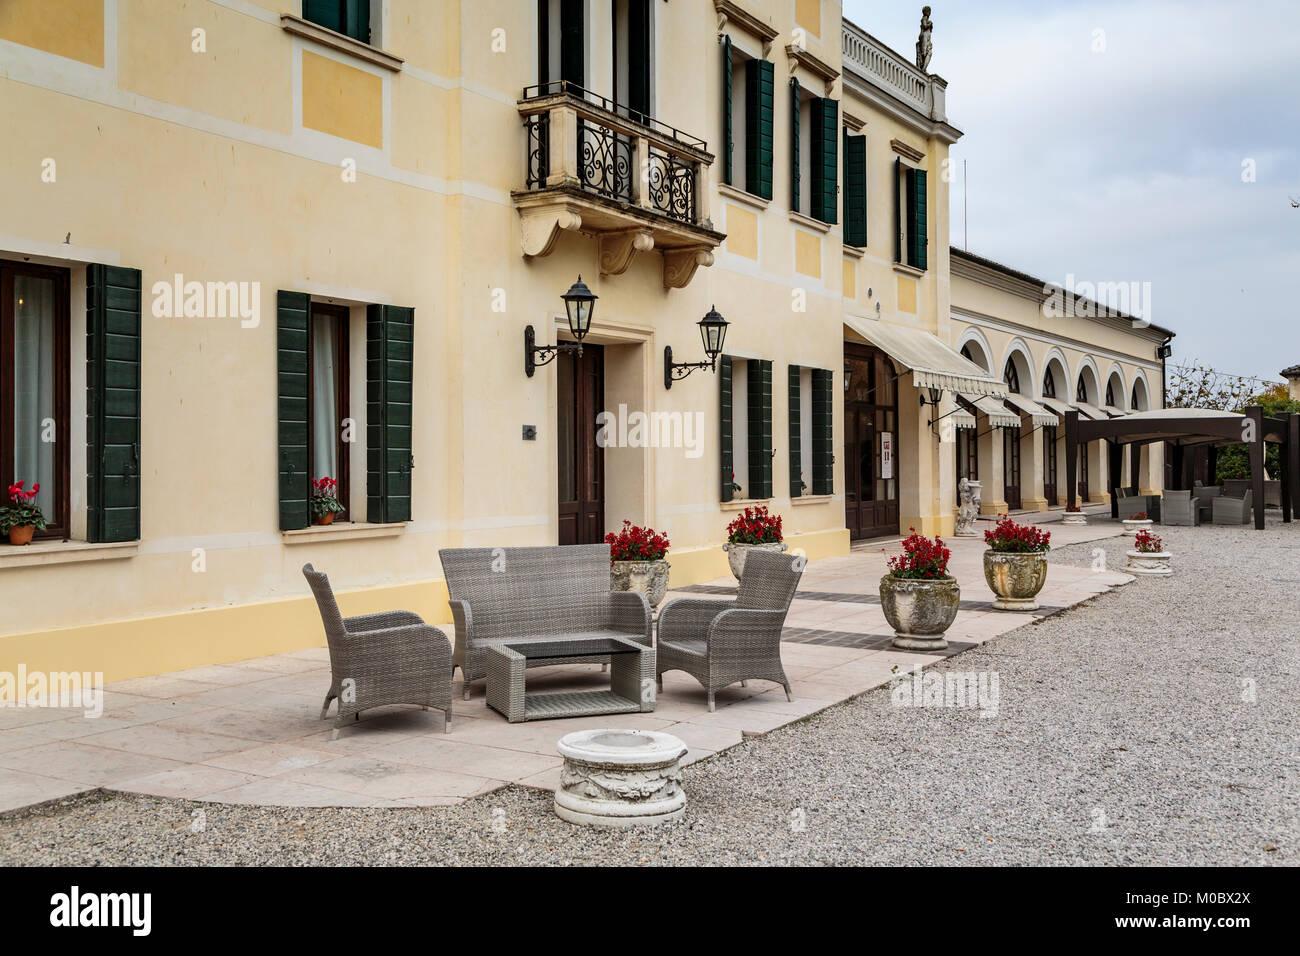 The Villa Braida Hotel in Veneto, Mogliano, Venice, Italy, Europe. - Stock Image